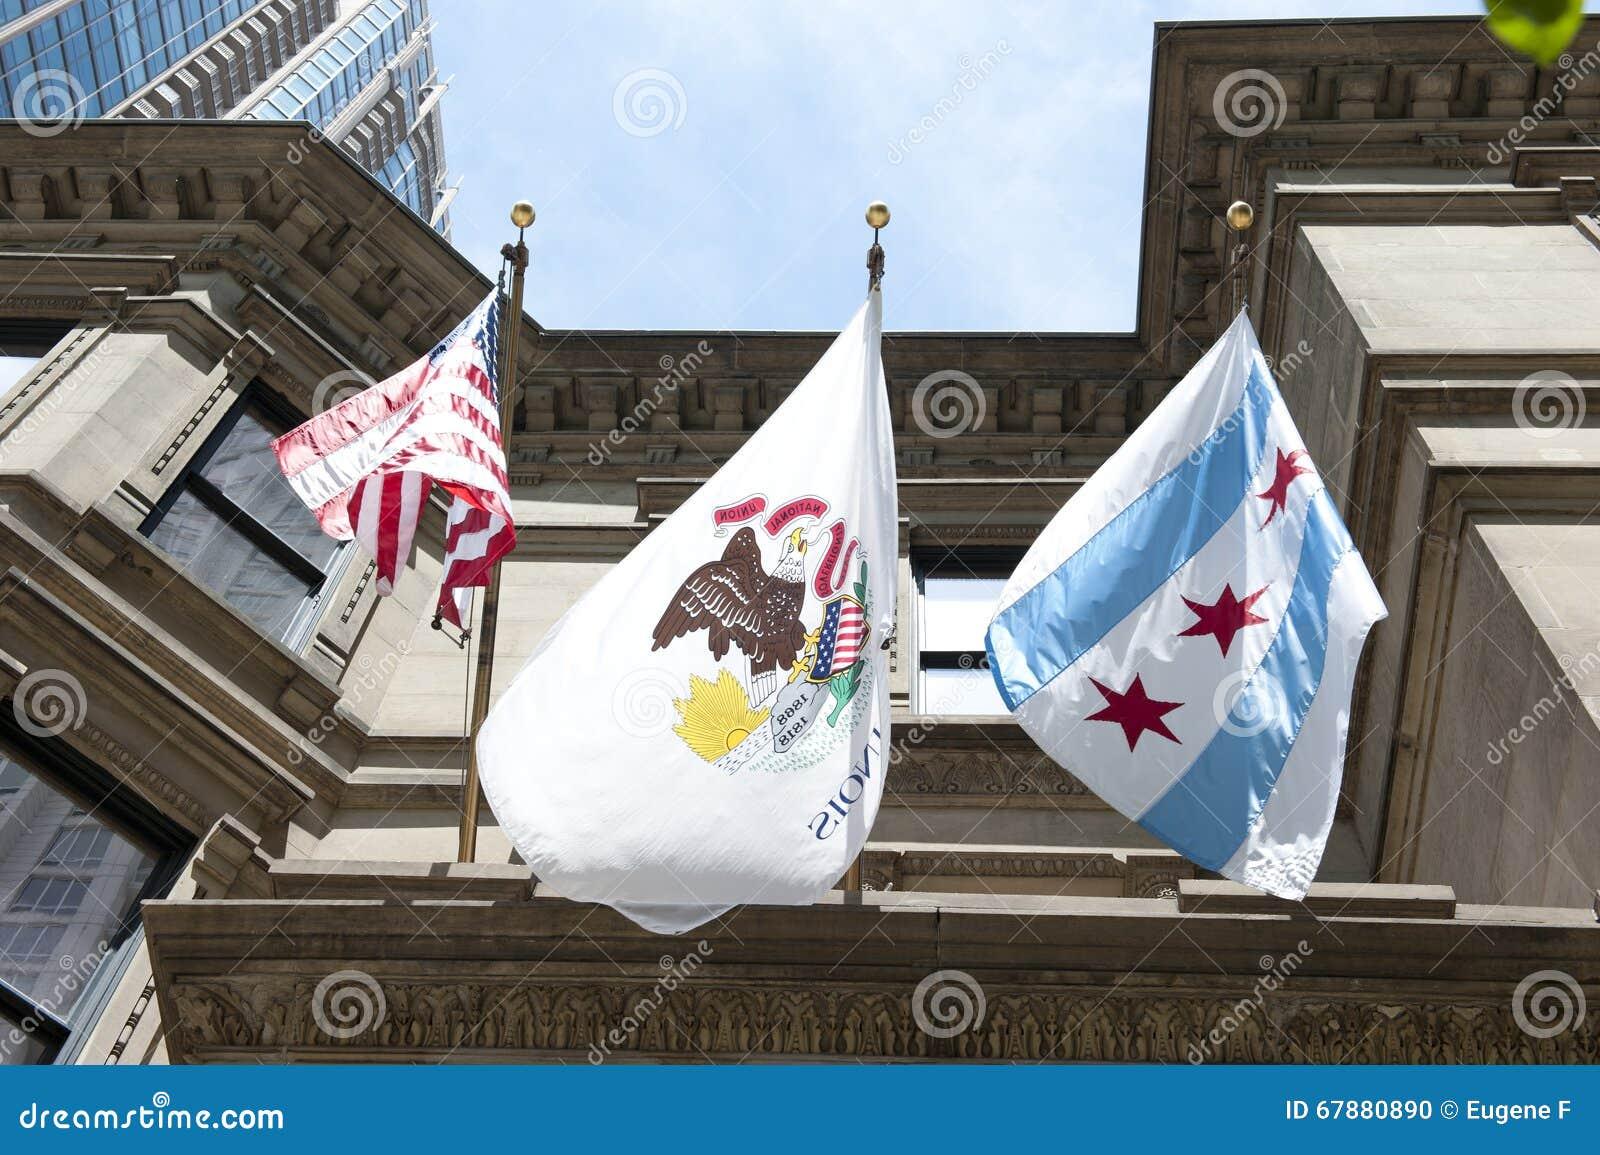 伊利诺伊状态象征和芝加哥旗子